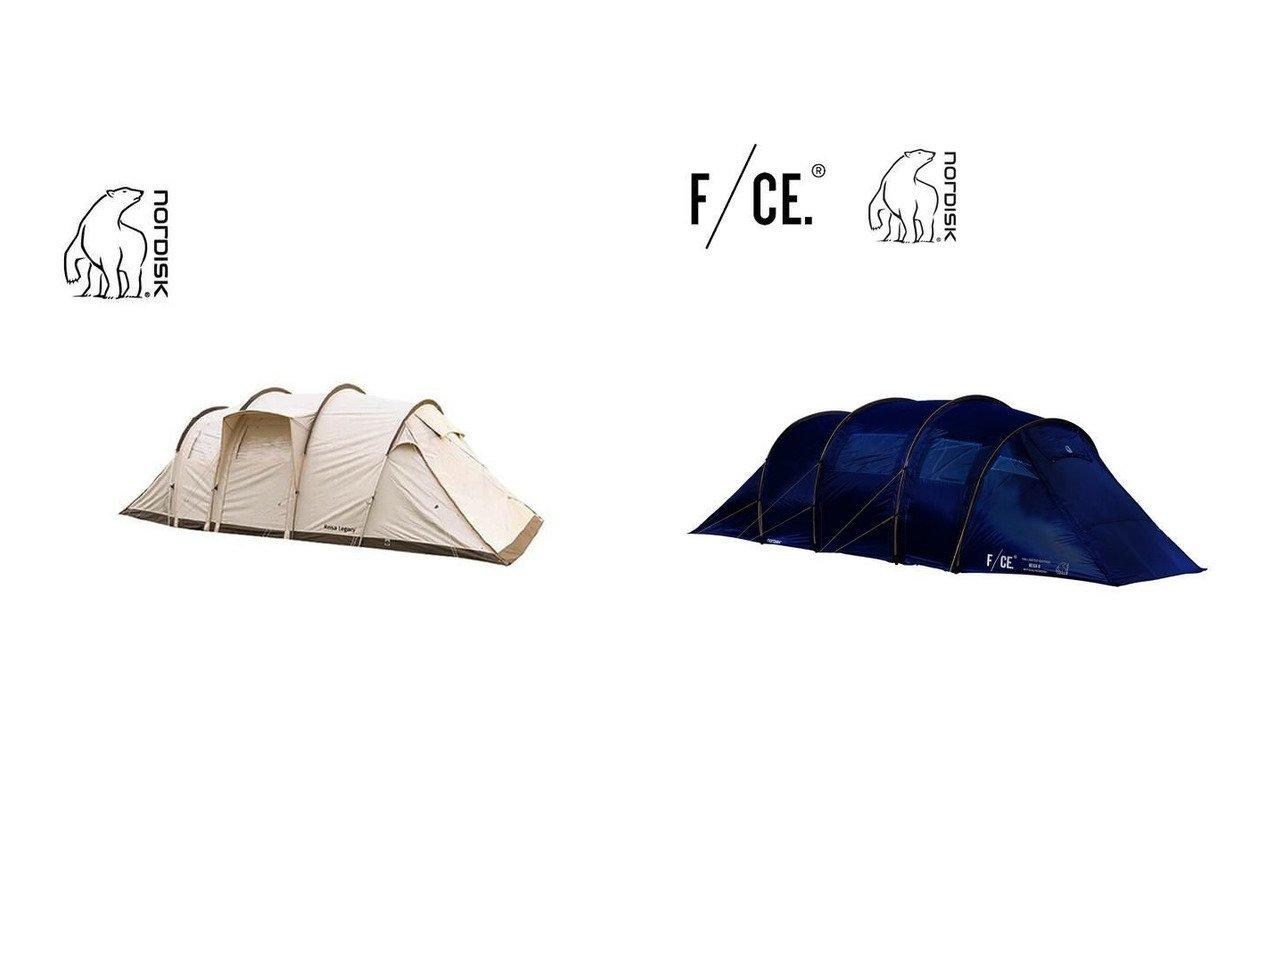 【Nordisk/ノルディスク】のレイサ6レガシー&10THレイサ6 おすすめ!人気キャンプ・アウトドア用品の通販 おすすめで人気の流行・トレンド、ファッションの通販商品 メンズファッション・キッズファッション・インテリア・家具・レディースファッション・服の通販 founy(ファニー) https://founy.com/ インナー スリーブ コラボ シンプル 定番 Standard フロント ポケット ロールアップ ホーム・キャンプ・アウトドア Home,Garden,Outdoor,Camping Gear キャンプ用品・アウトドア  Camping Gear & Outdoor Supplies その他 雑貨 小物 Camping Tools |ID:crp329100000037414